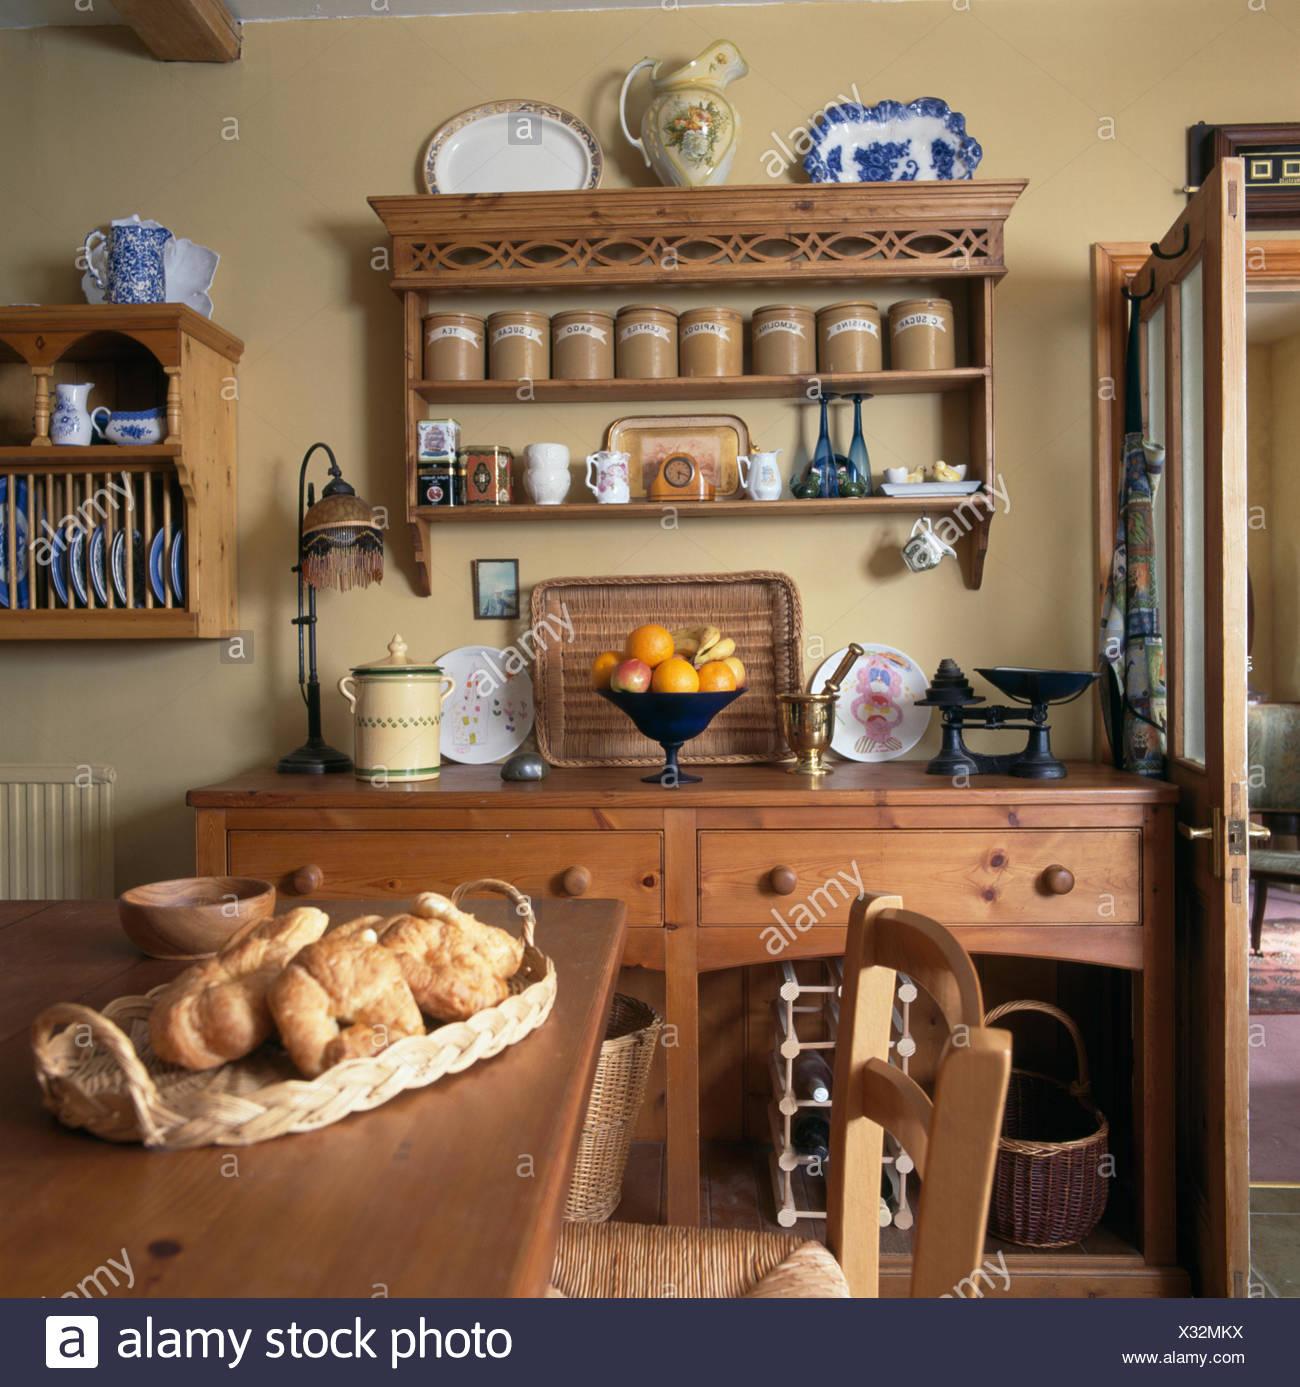 Excepcional Mesas De Cocina De La Casa Del Reino Unido Elaboración ...